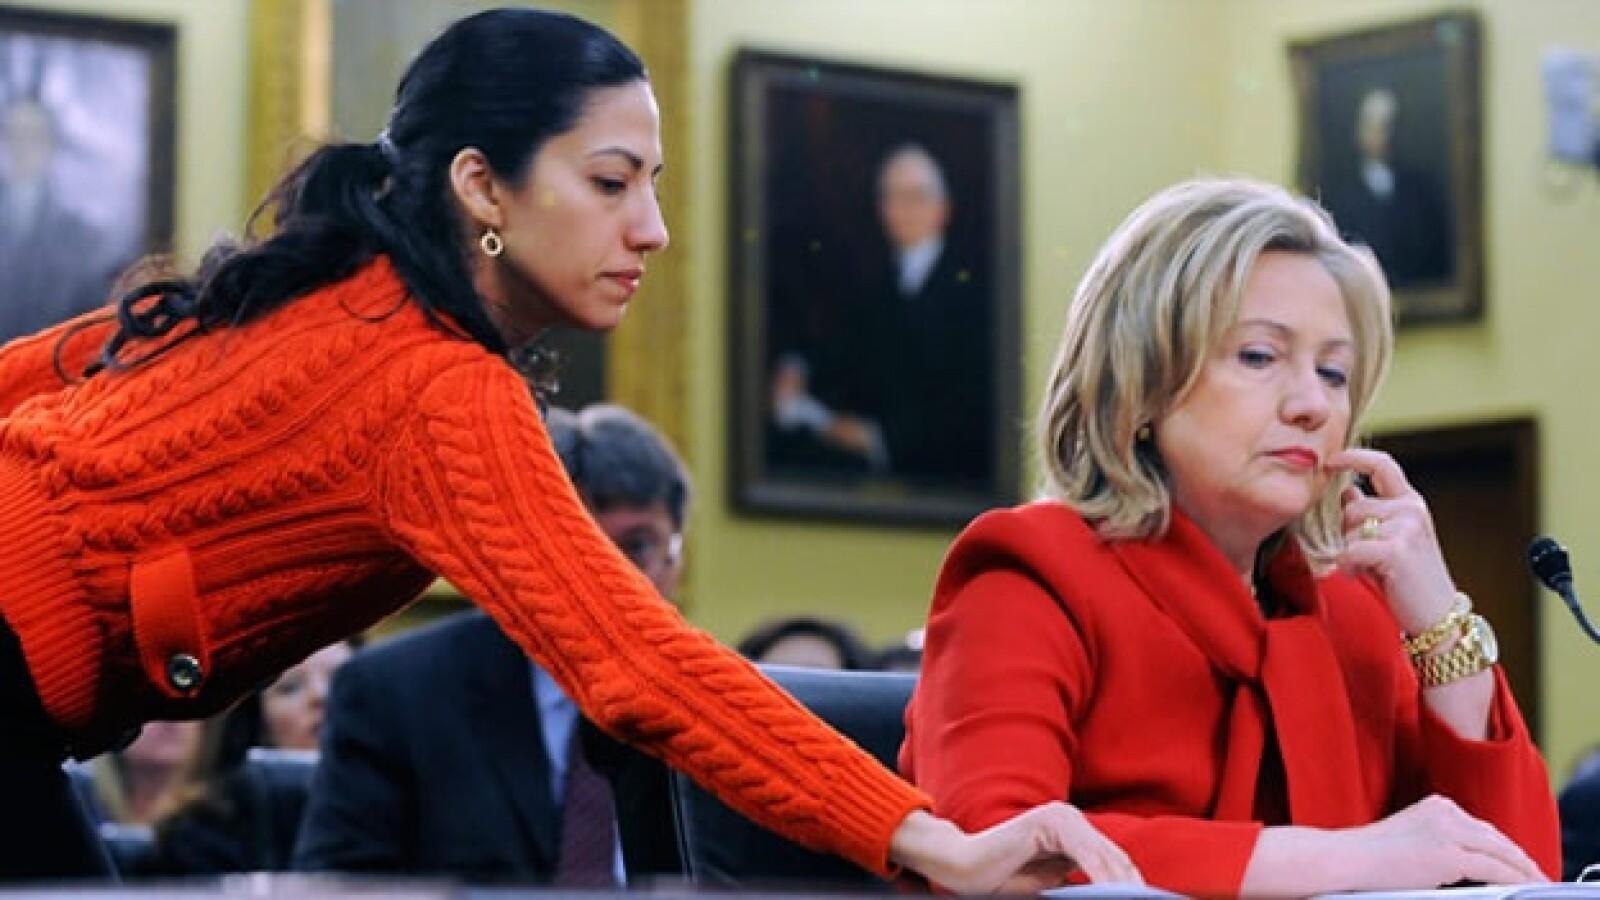 Huma Abedin - Hillary Clinton